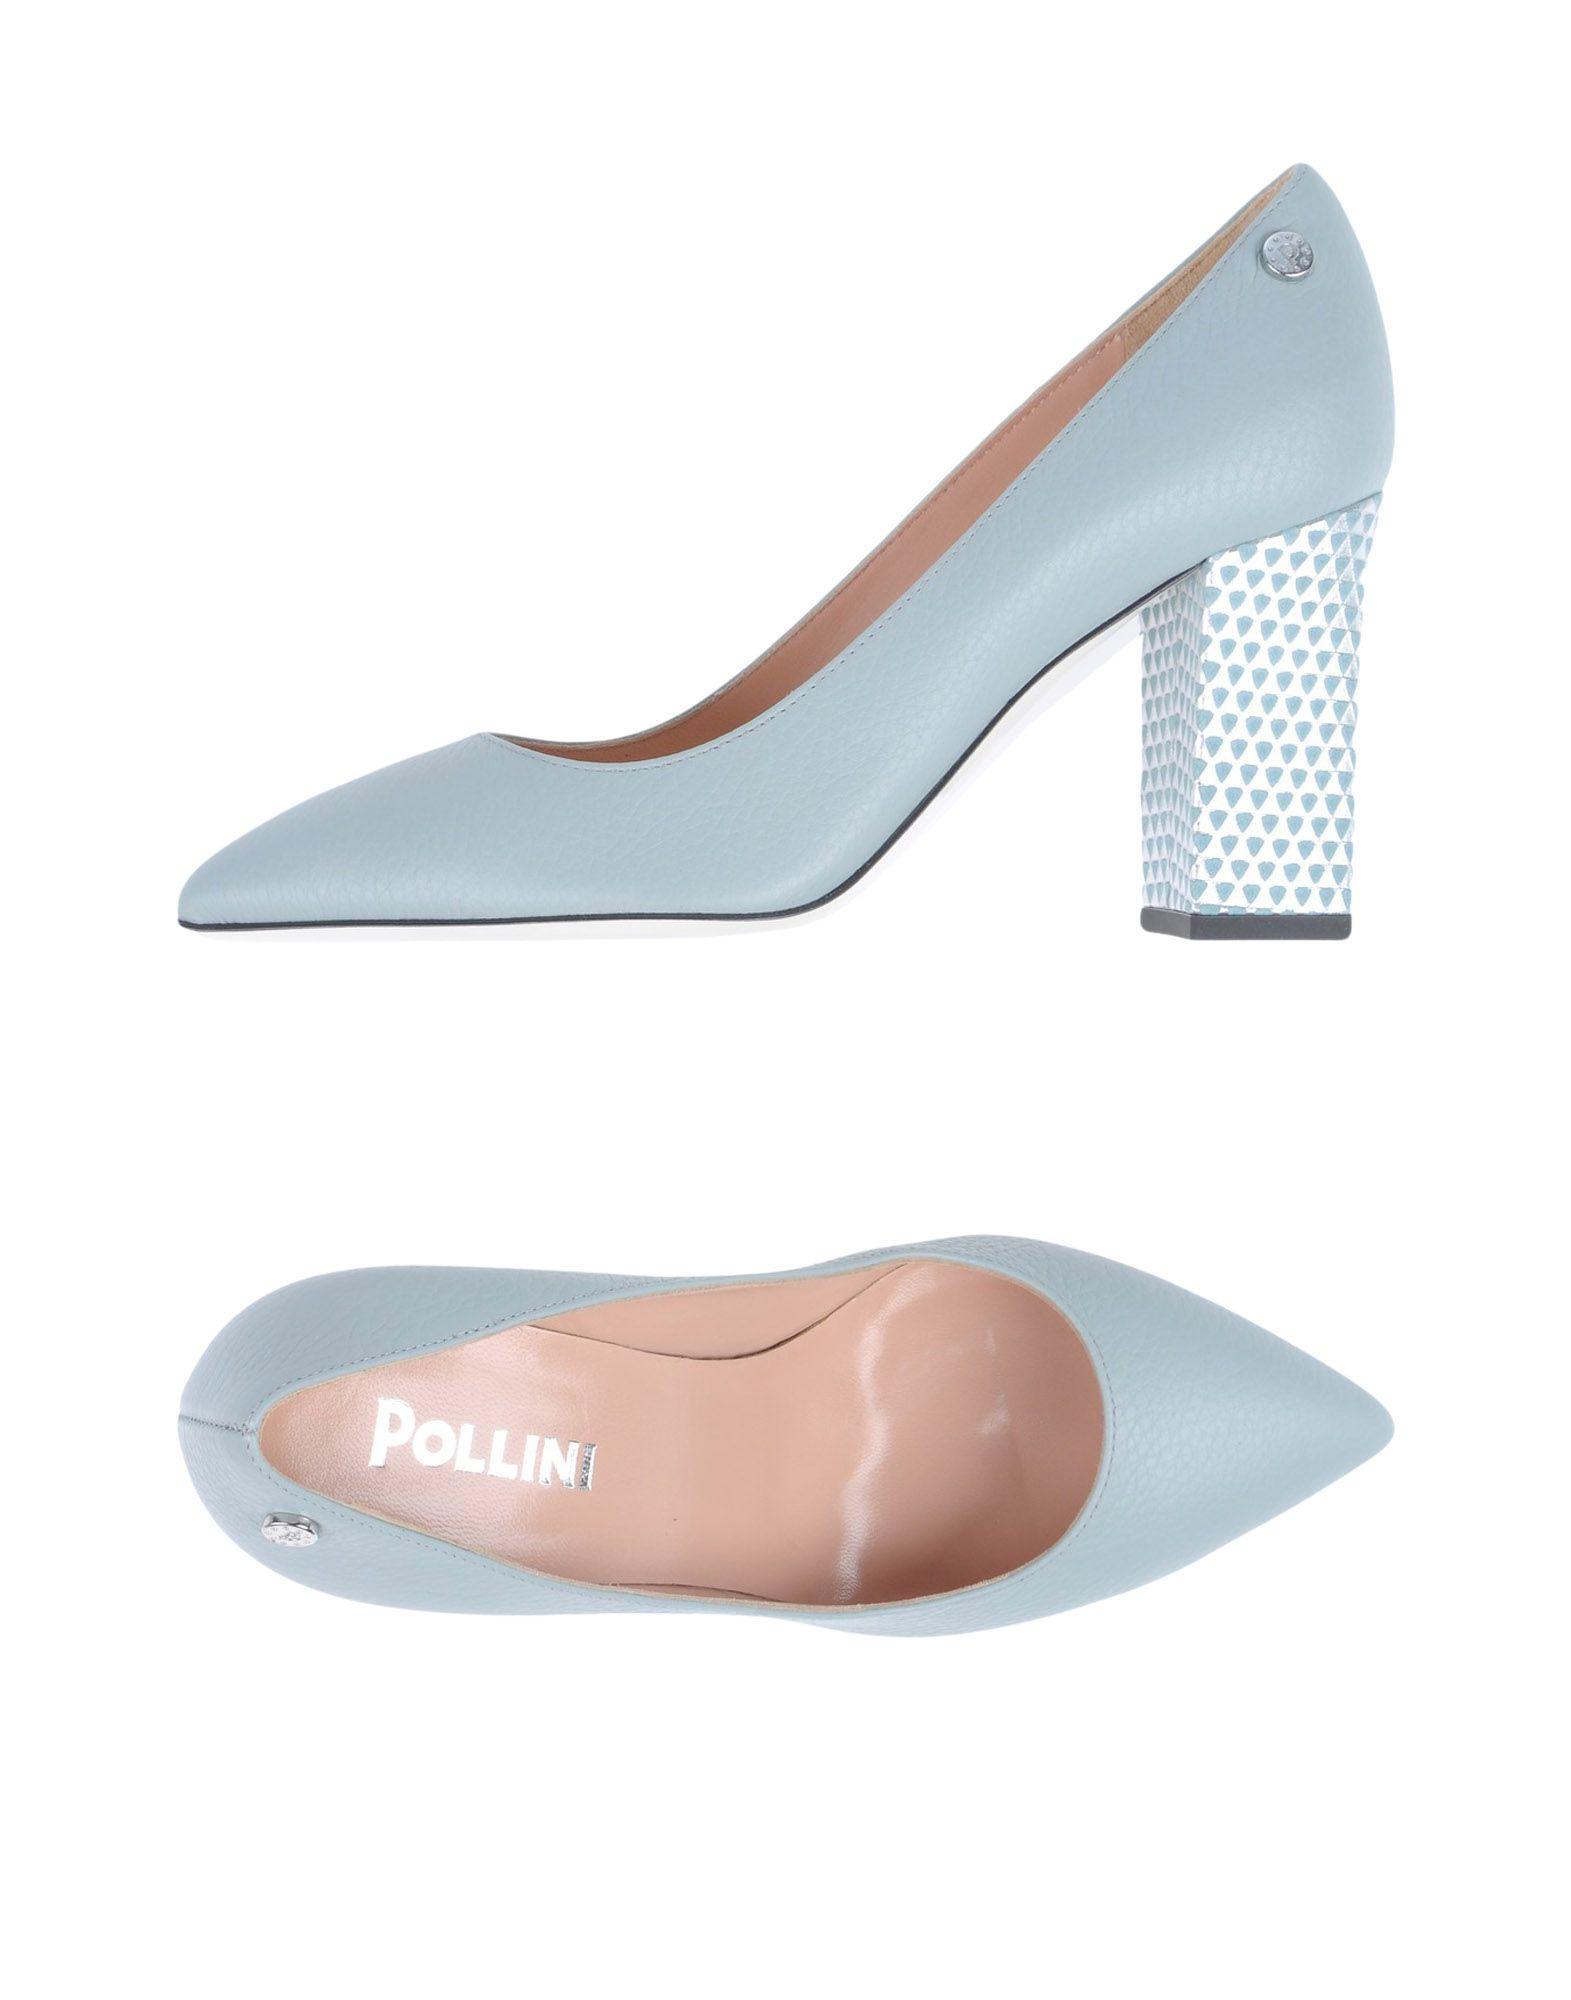 Haltbare Mode billige Schuhe Pollini Pumps Damen  11331255VR Heiße Schuhe